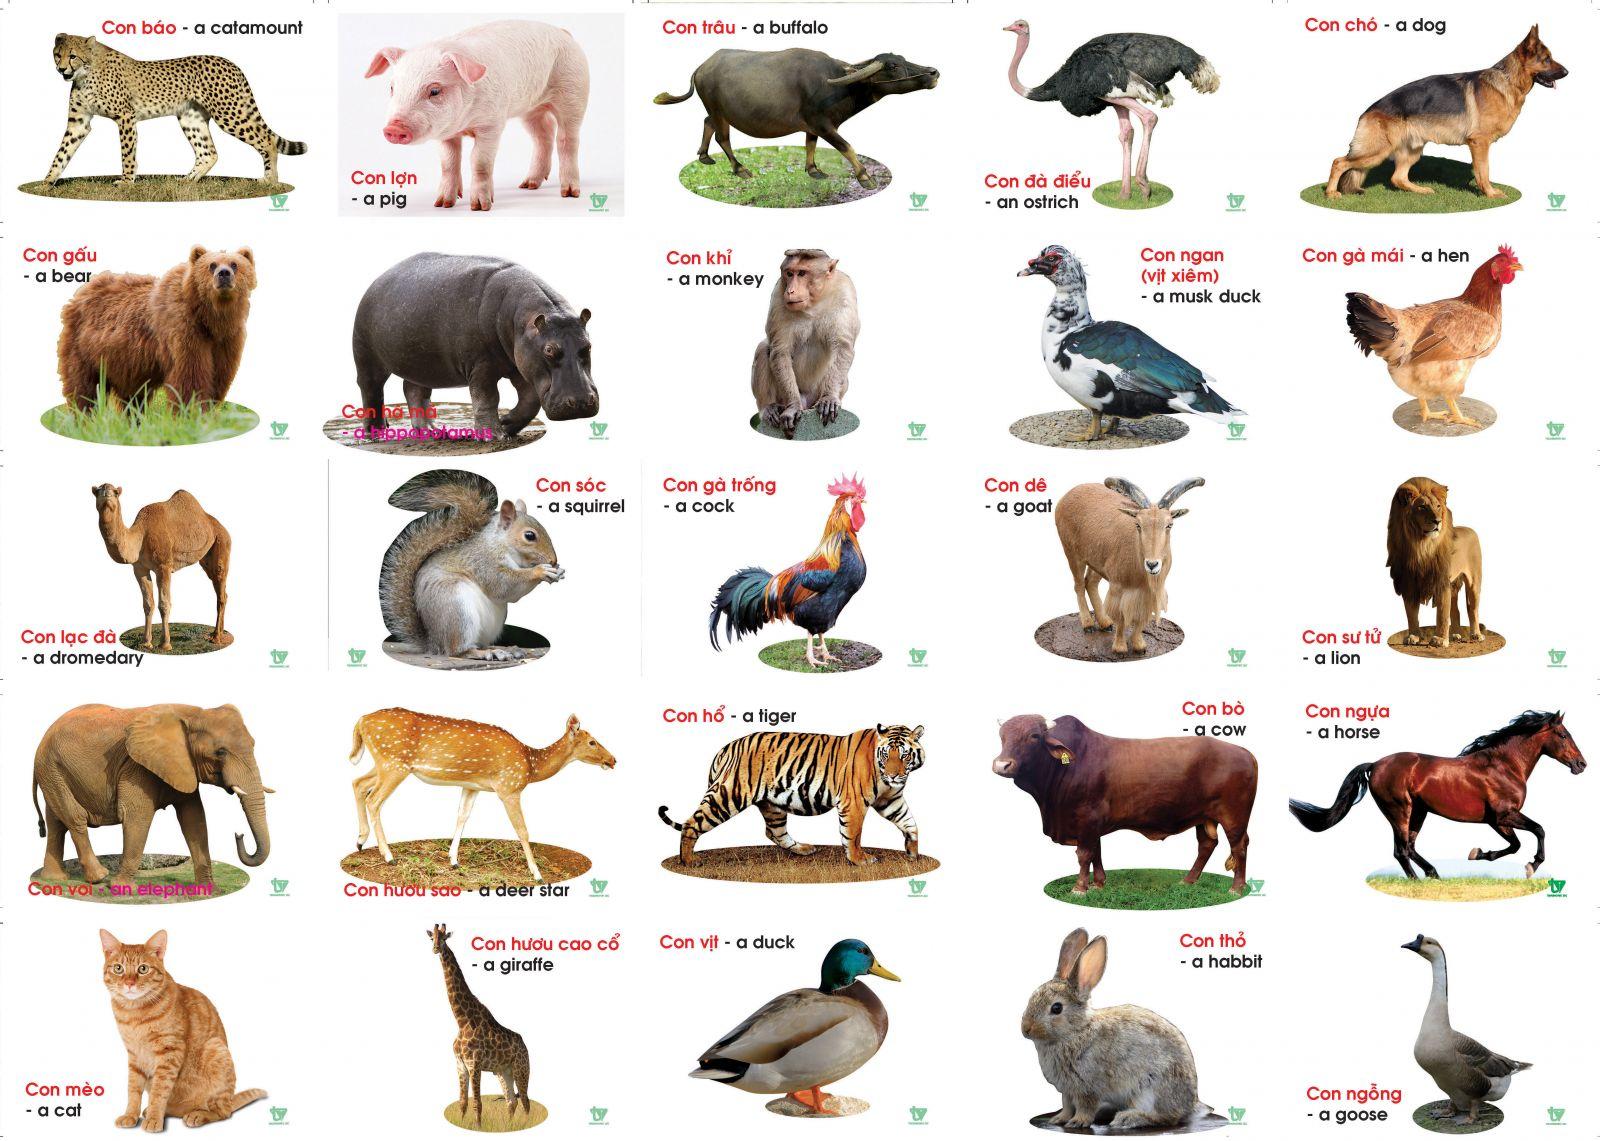 Tiếng Anh trẻ em theo chủ đề con vật nên có minh hoạ hình ảnh thật để bé có thêm kiến thức mới